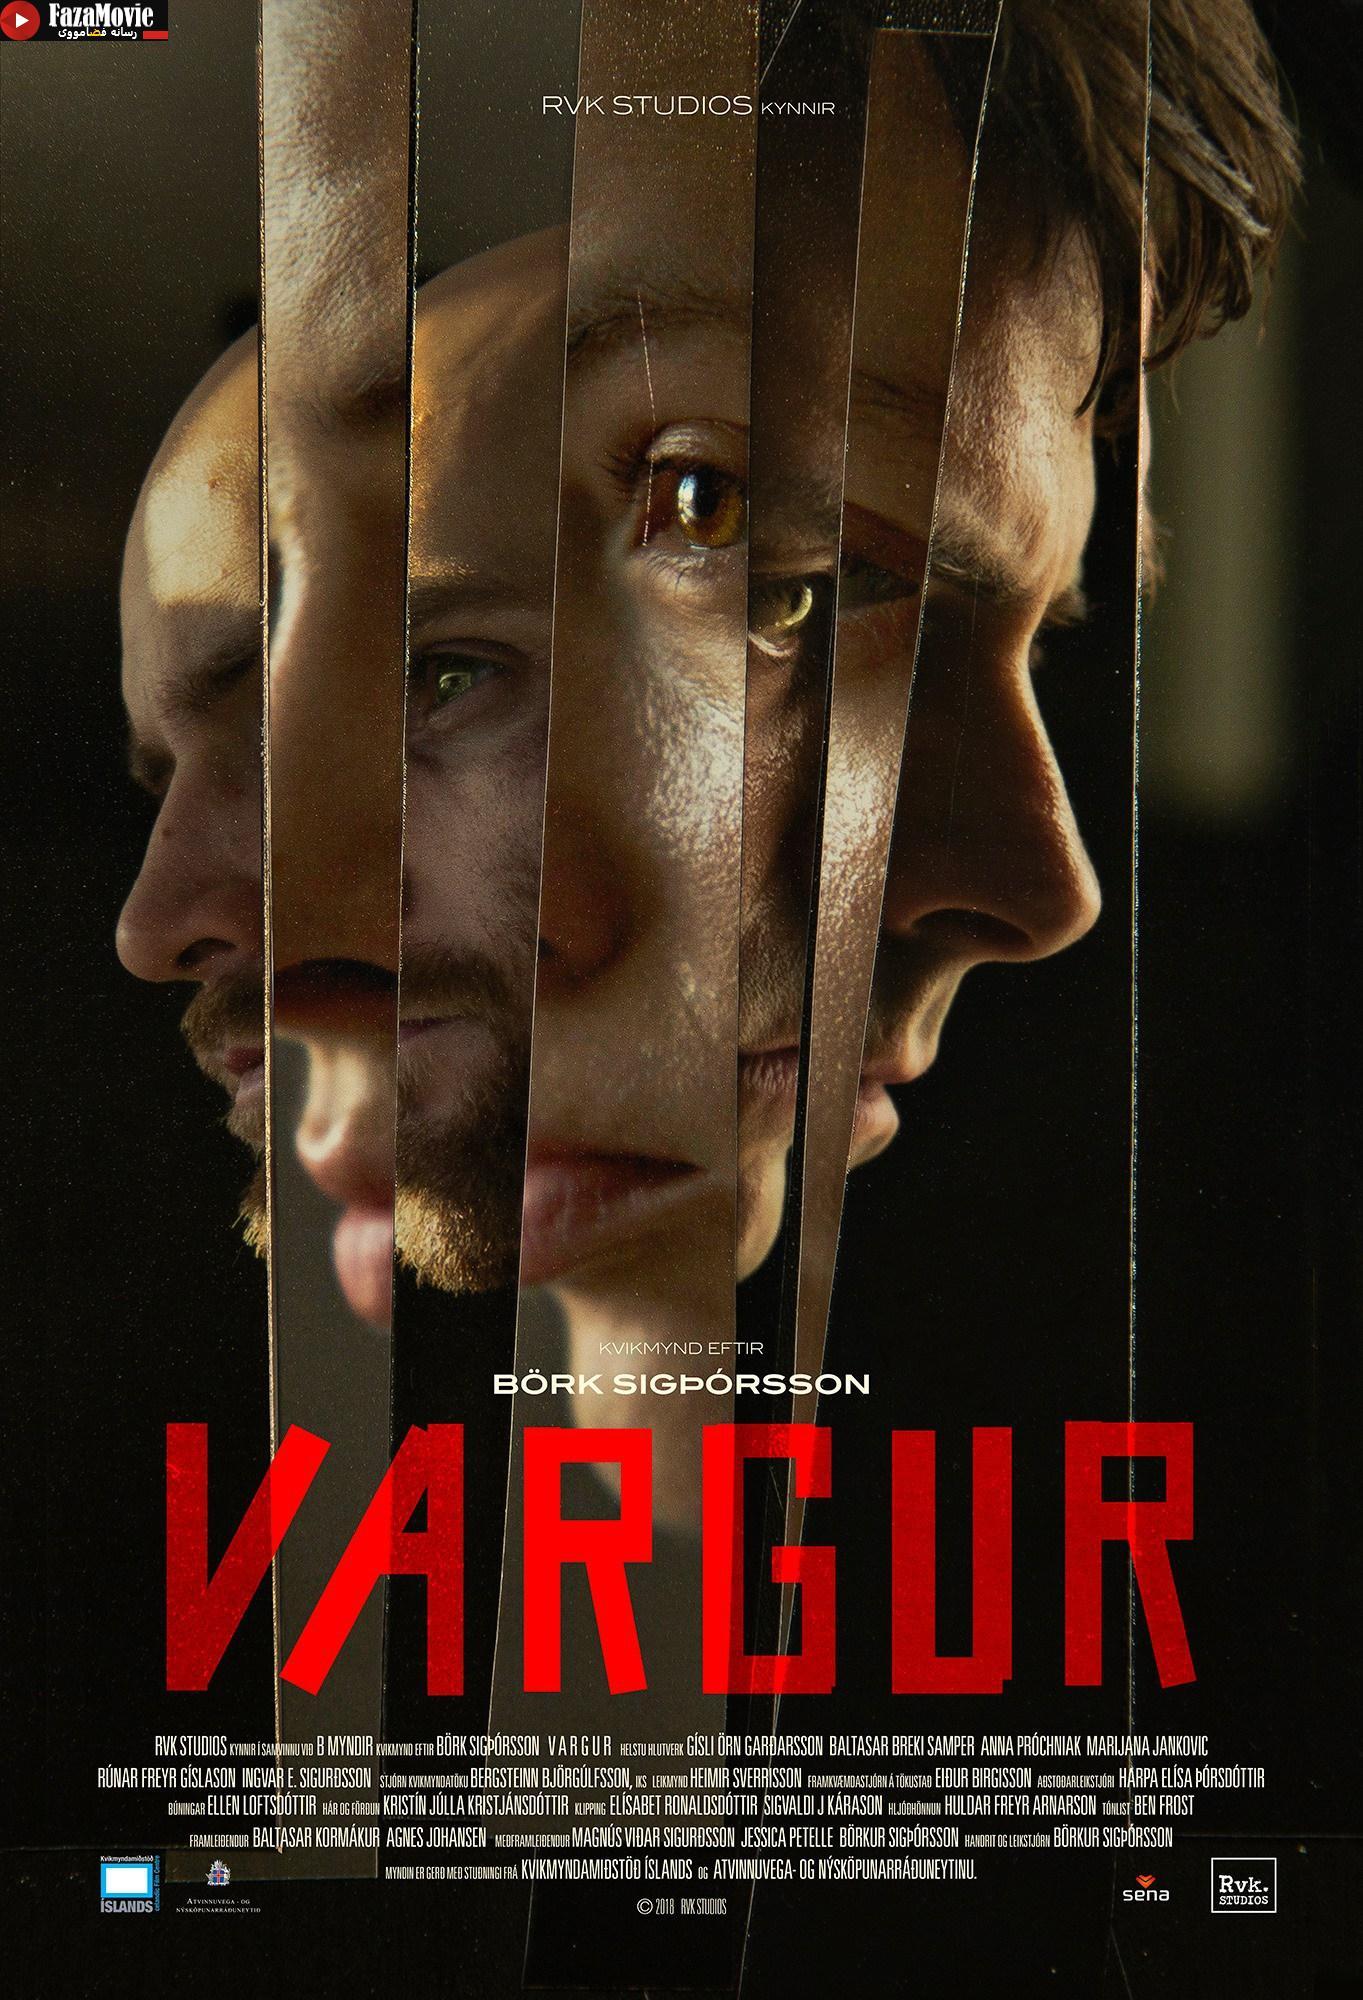 دانلود فیلم Vultures 2018 کرکس ها با زیرنویس فارسیبا زیرنویس فارسی